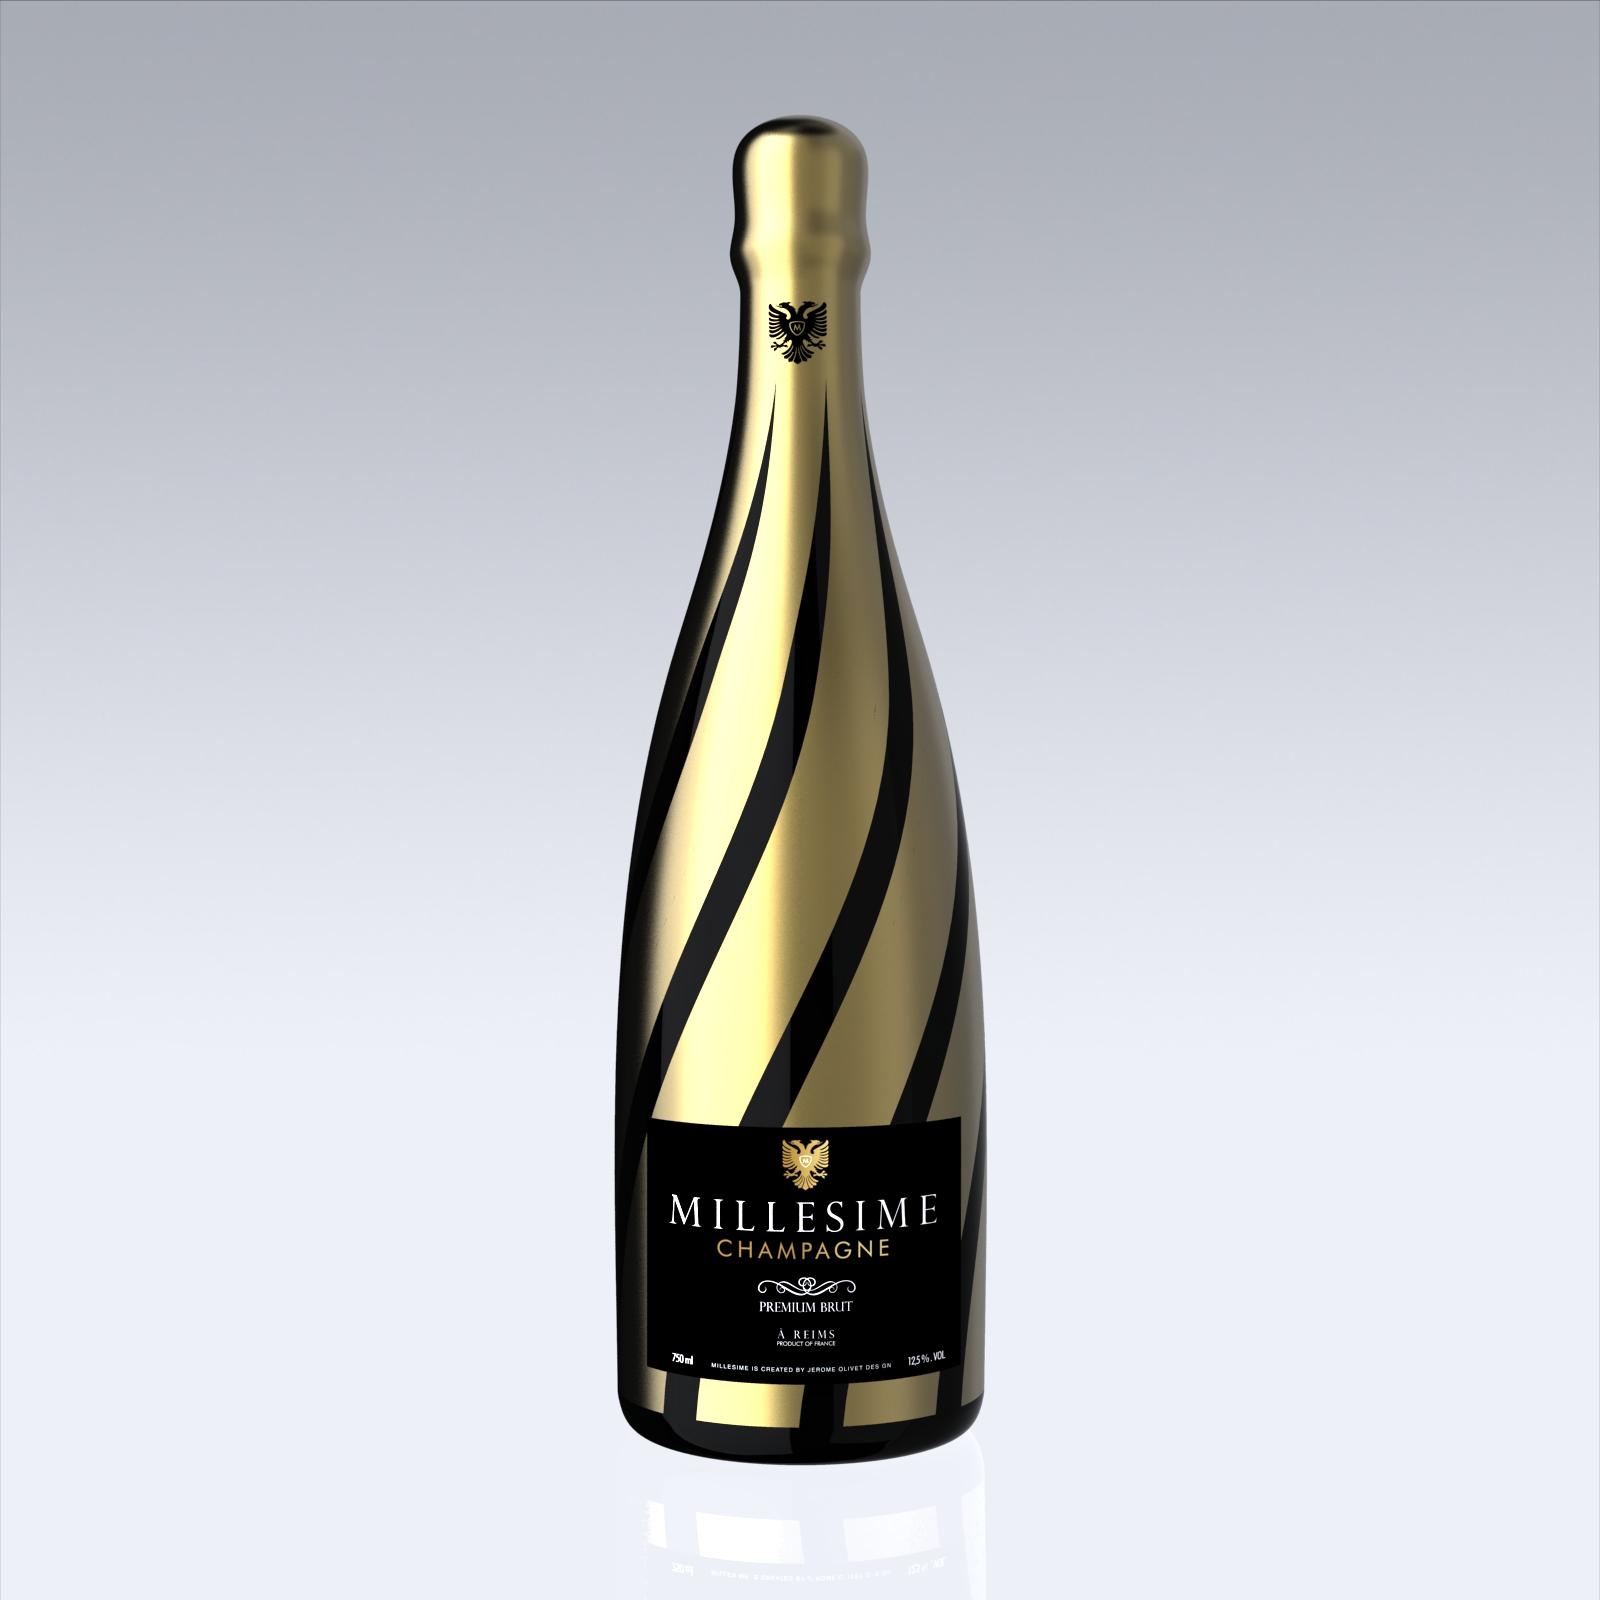 Millenium or